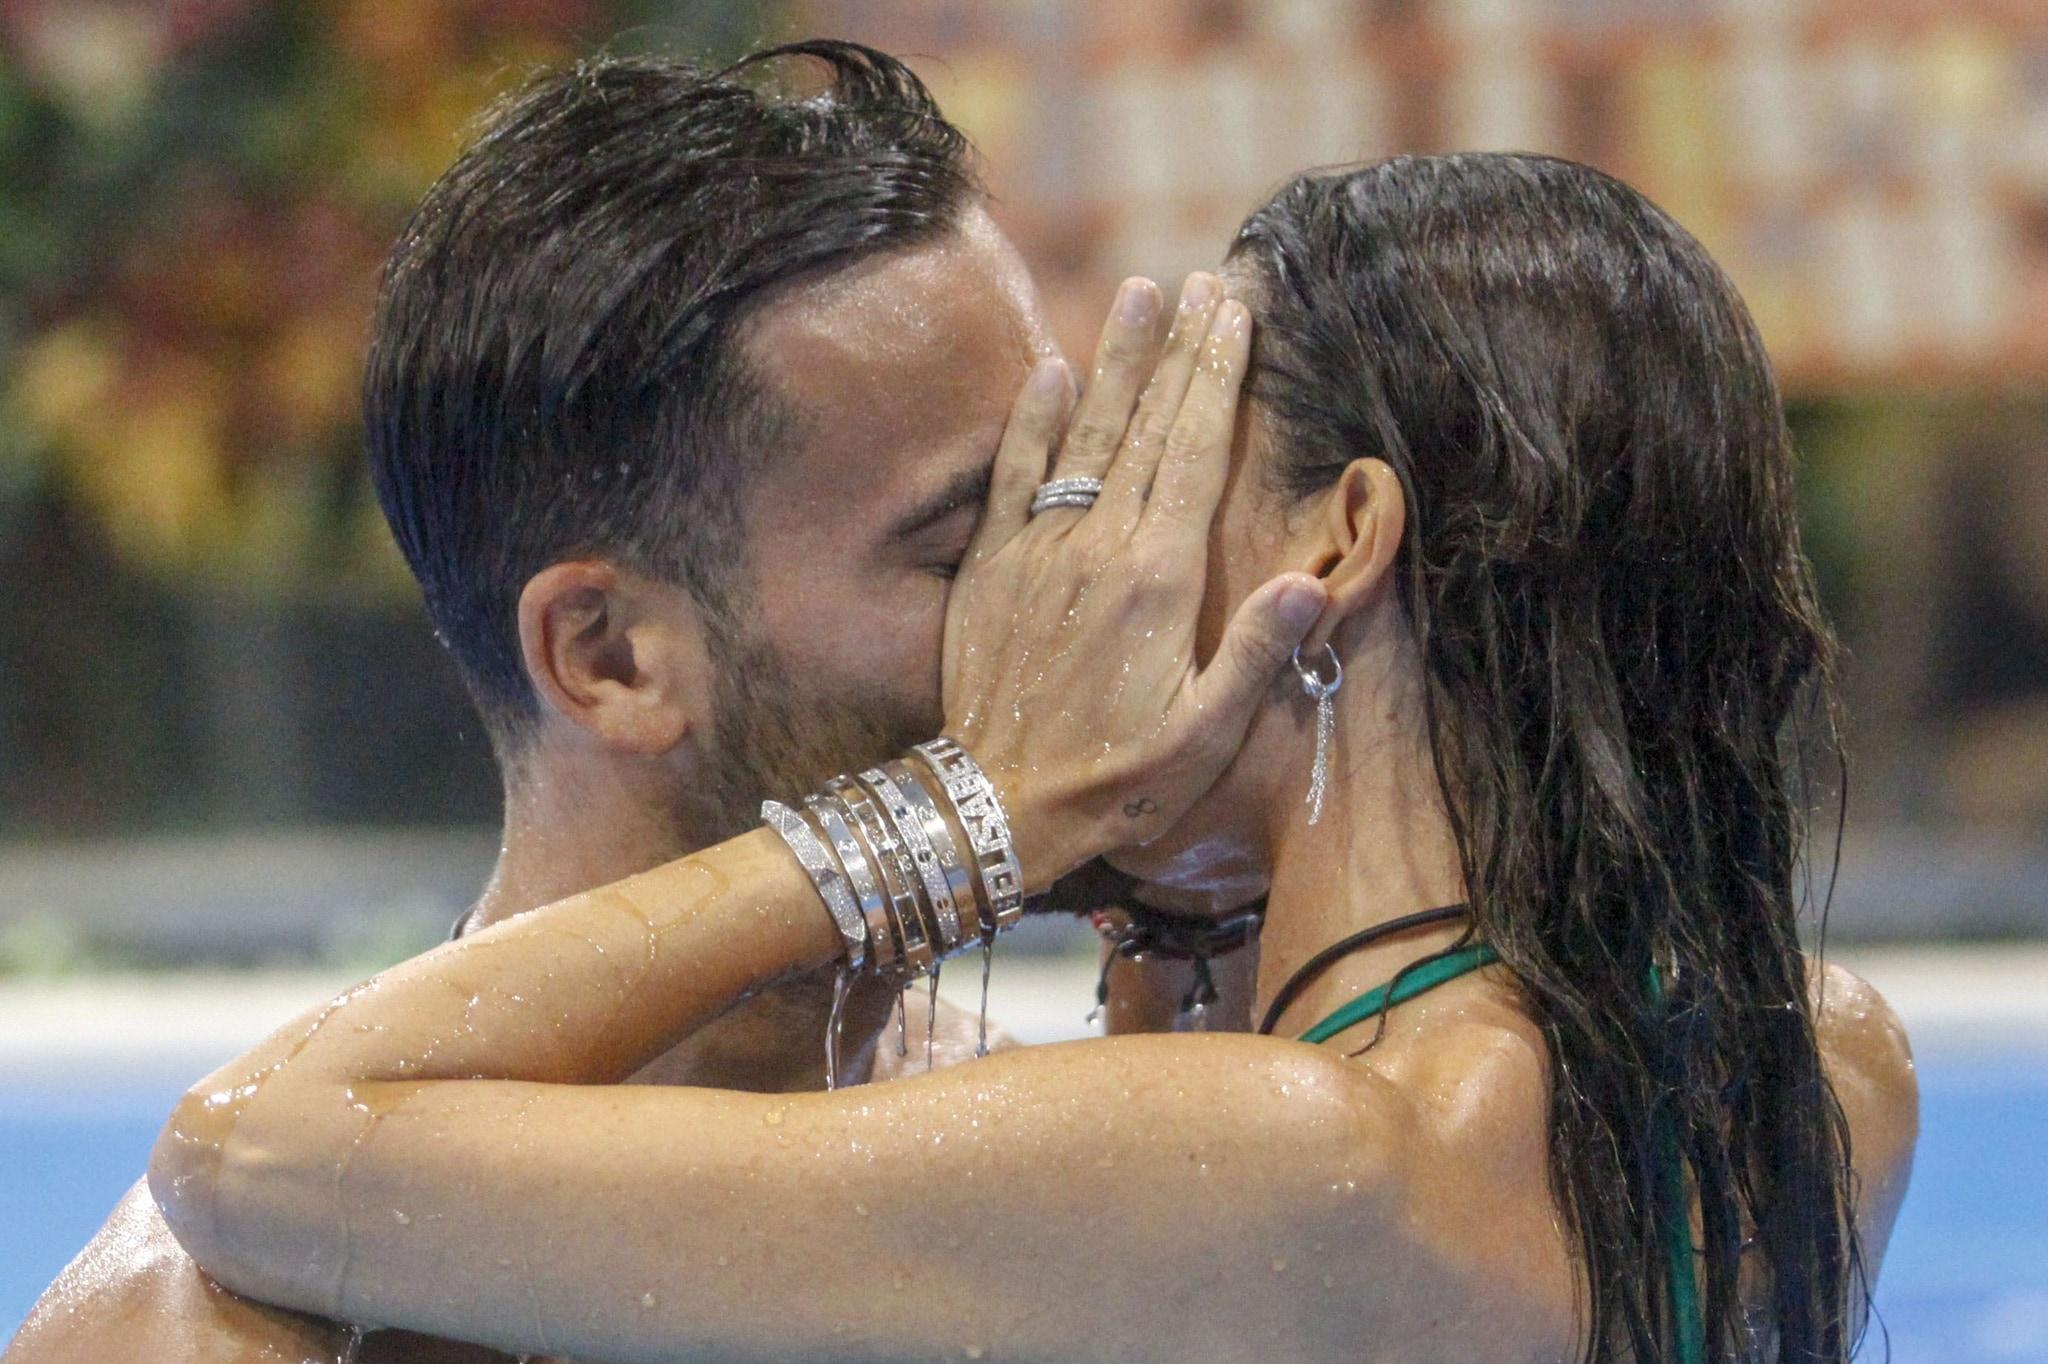 Elisabetta Gregoraci à Big Brother Vip 2020 porte des bracelets et des bagues d'une valeur de plus de 120000 euros  - Euro 2020